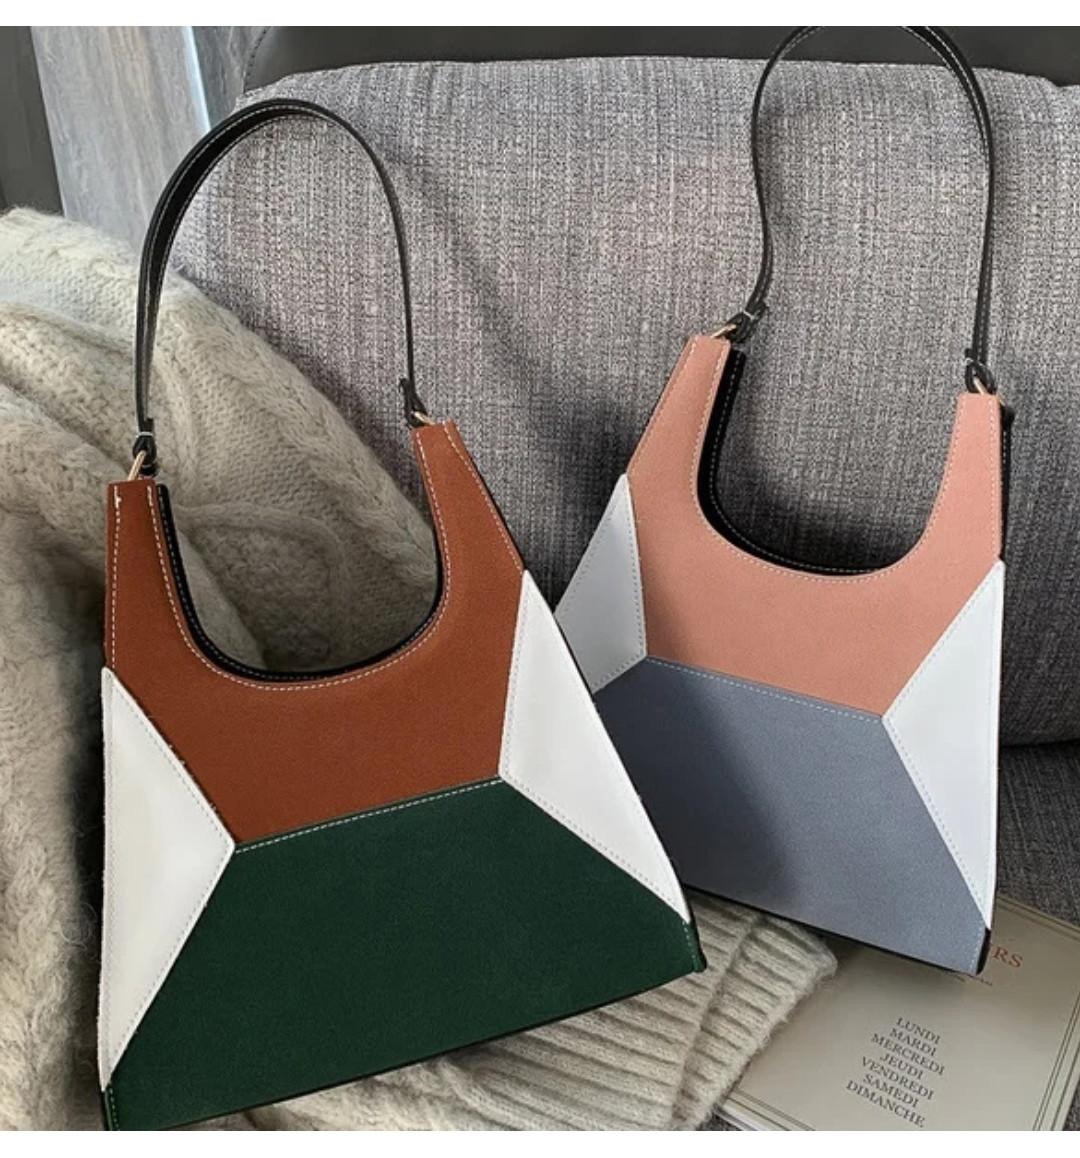 Современный дизайн сумок